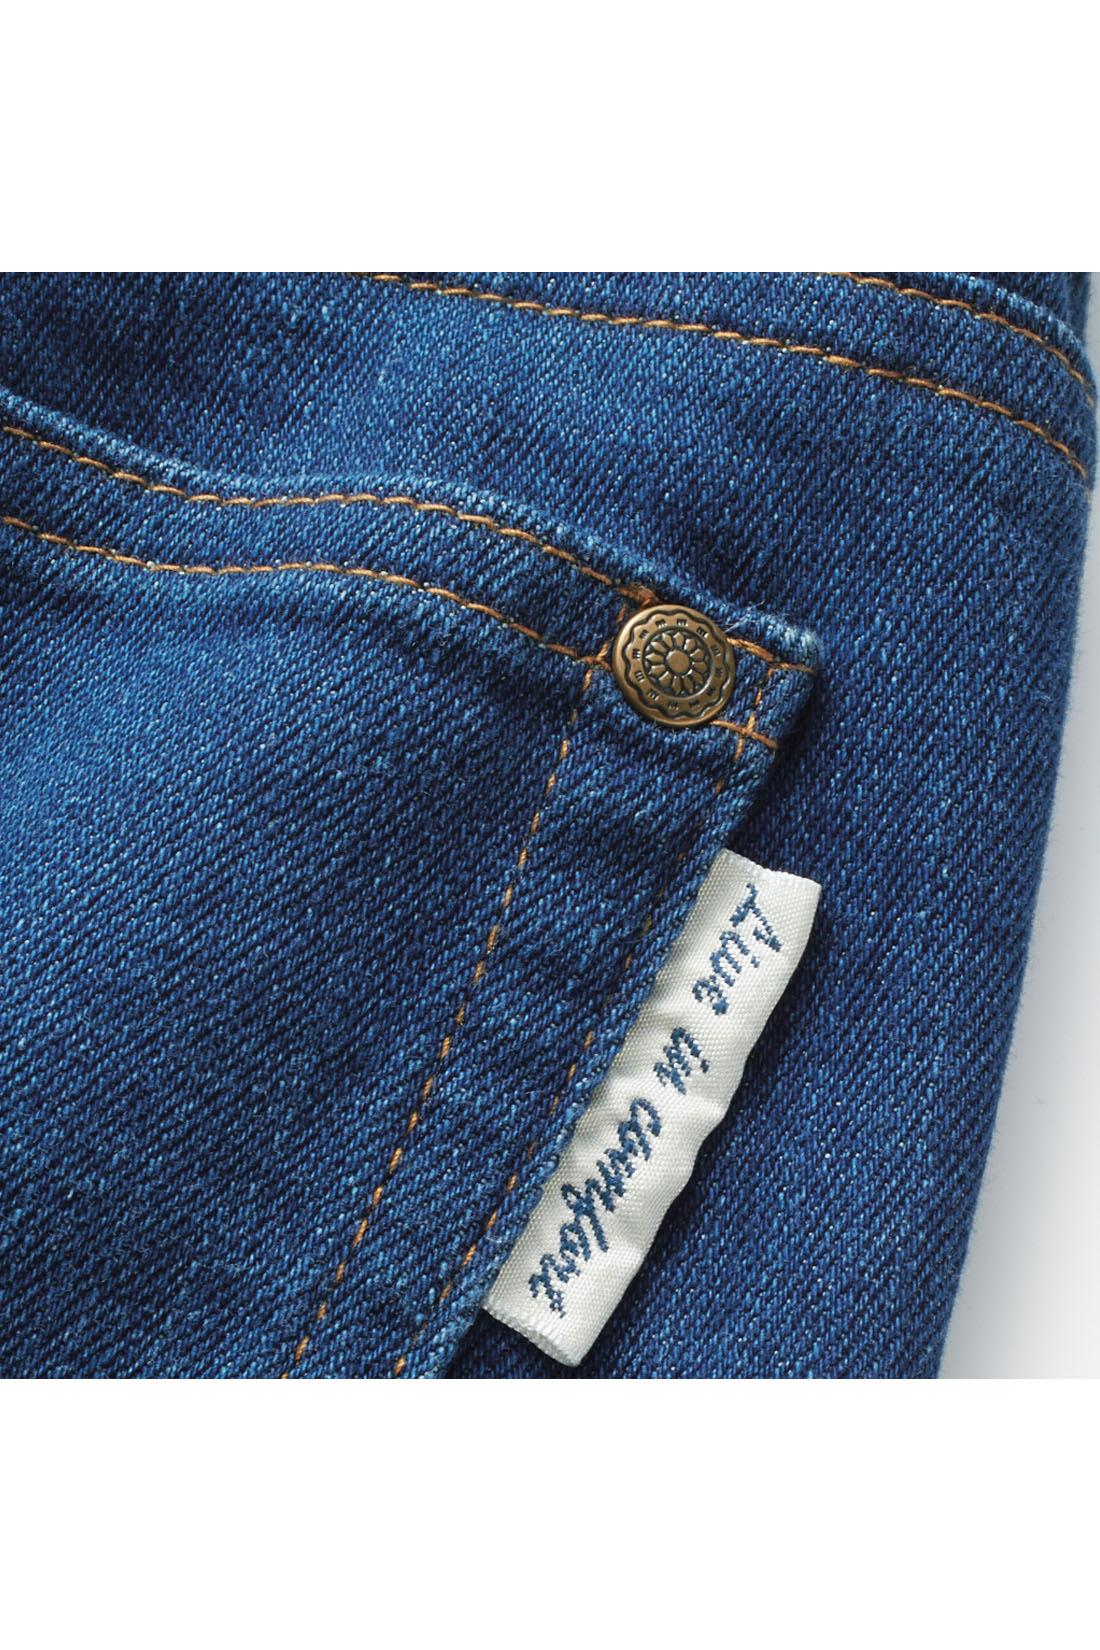 バックポケットにはピスネーム付き。 ※お届けするカラーとは異なります。